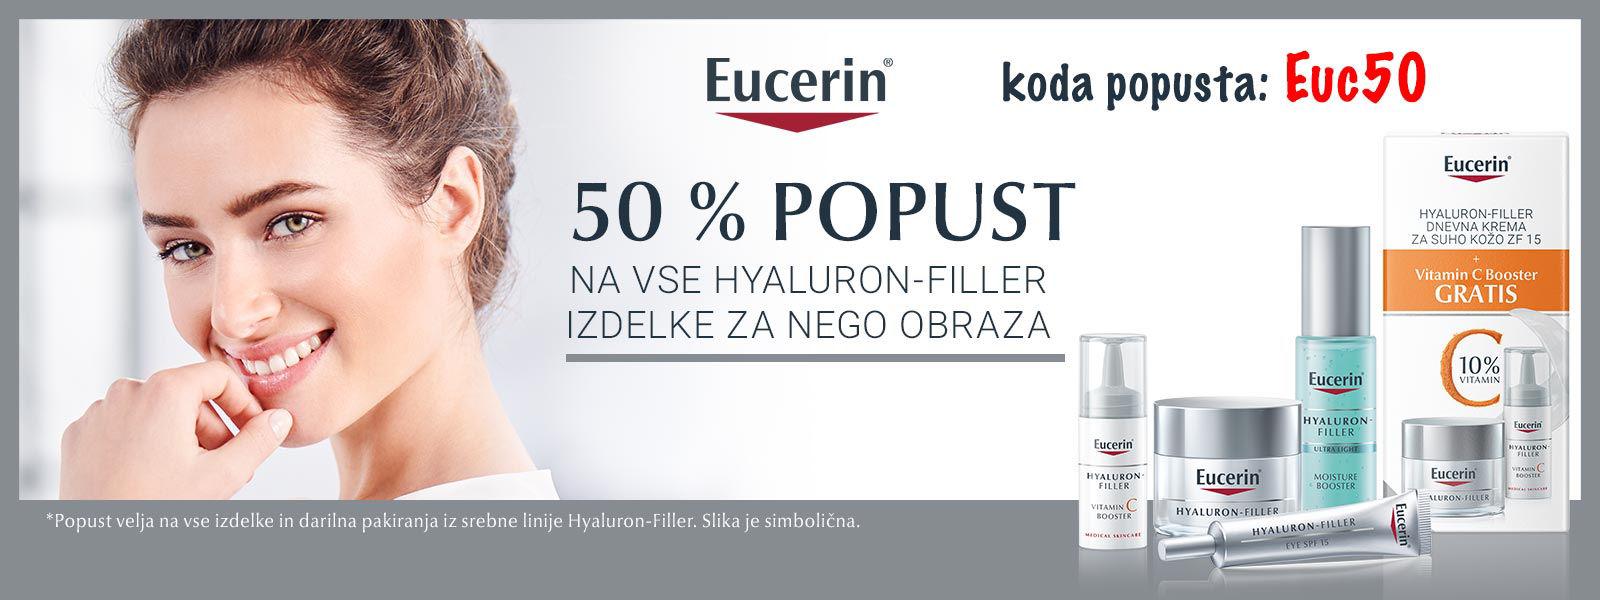 Eucerin_hyaluron